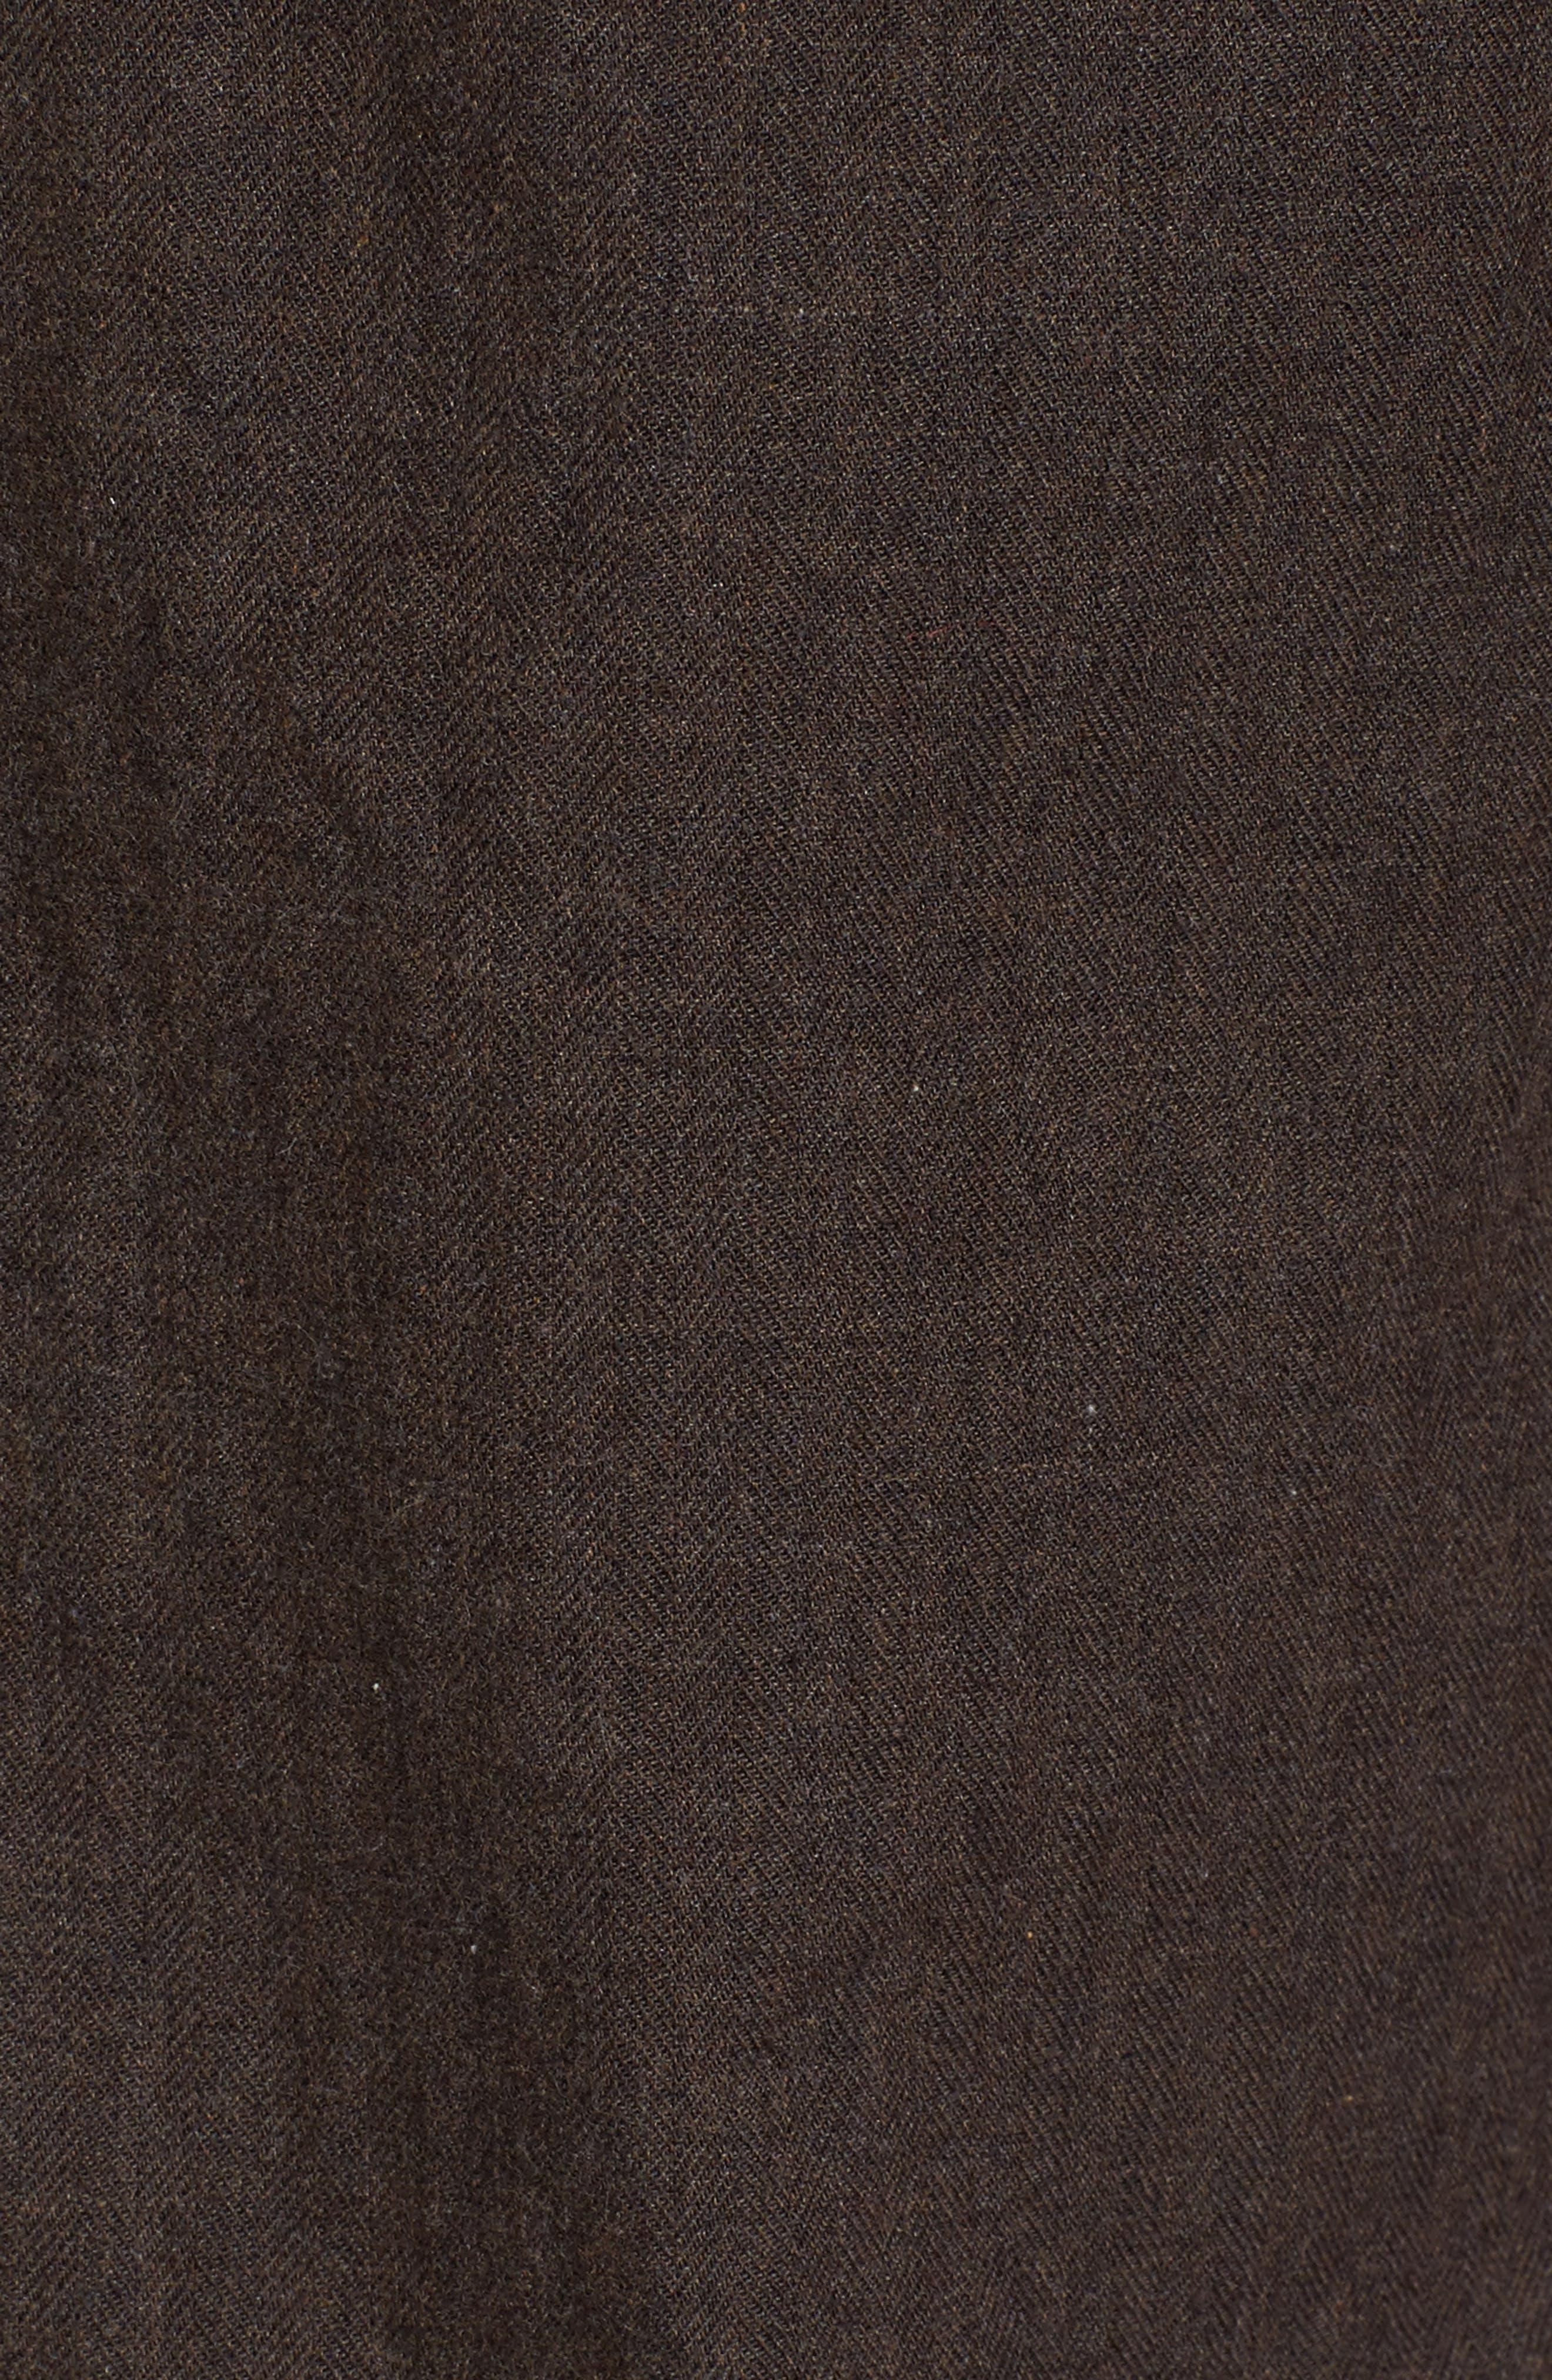 John T Standard Fit Herringbone Shirt,                             Alternate thumbnail 5, color,                             Brown